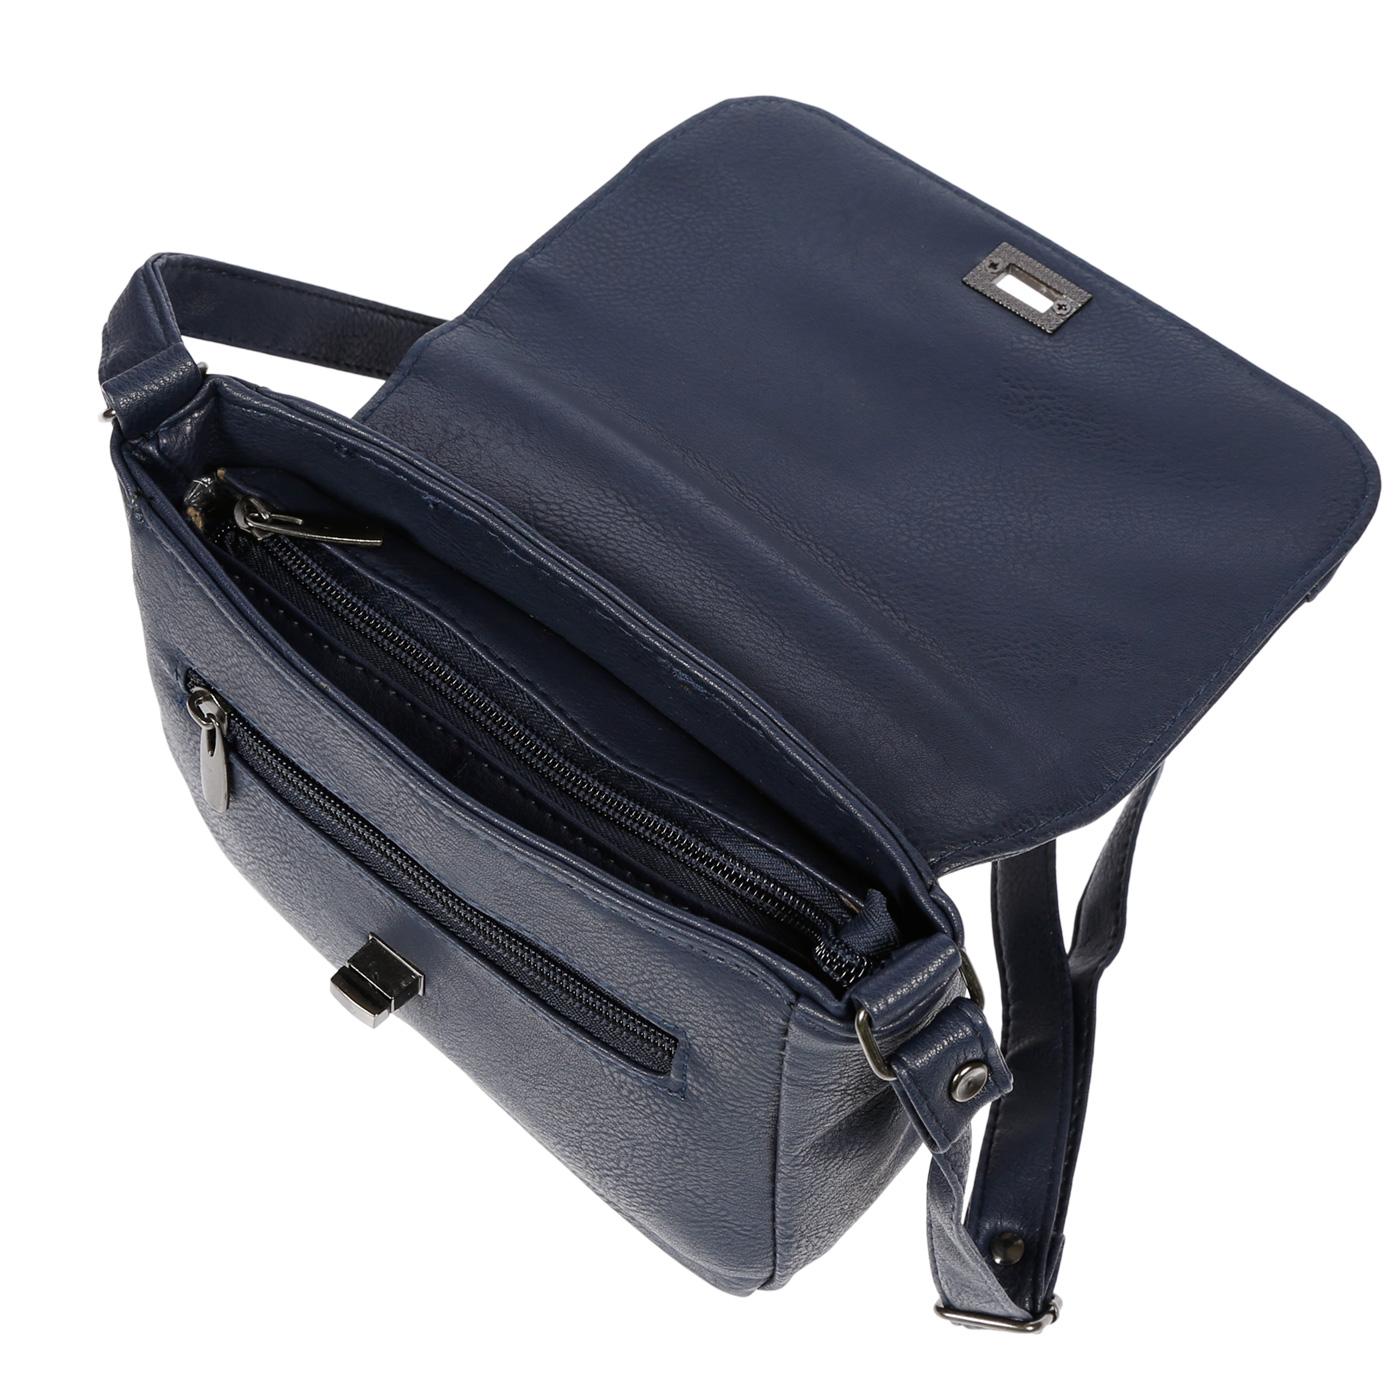 Kleine-Damen-Tasche-Umhaengetasche-Schultertasche-Crossover-Bag-Leder-Optik-NEU Indexbild 41